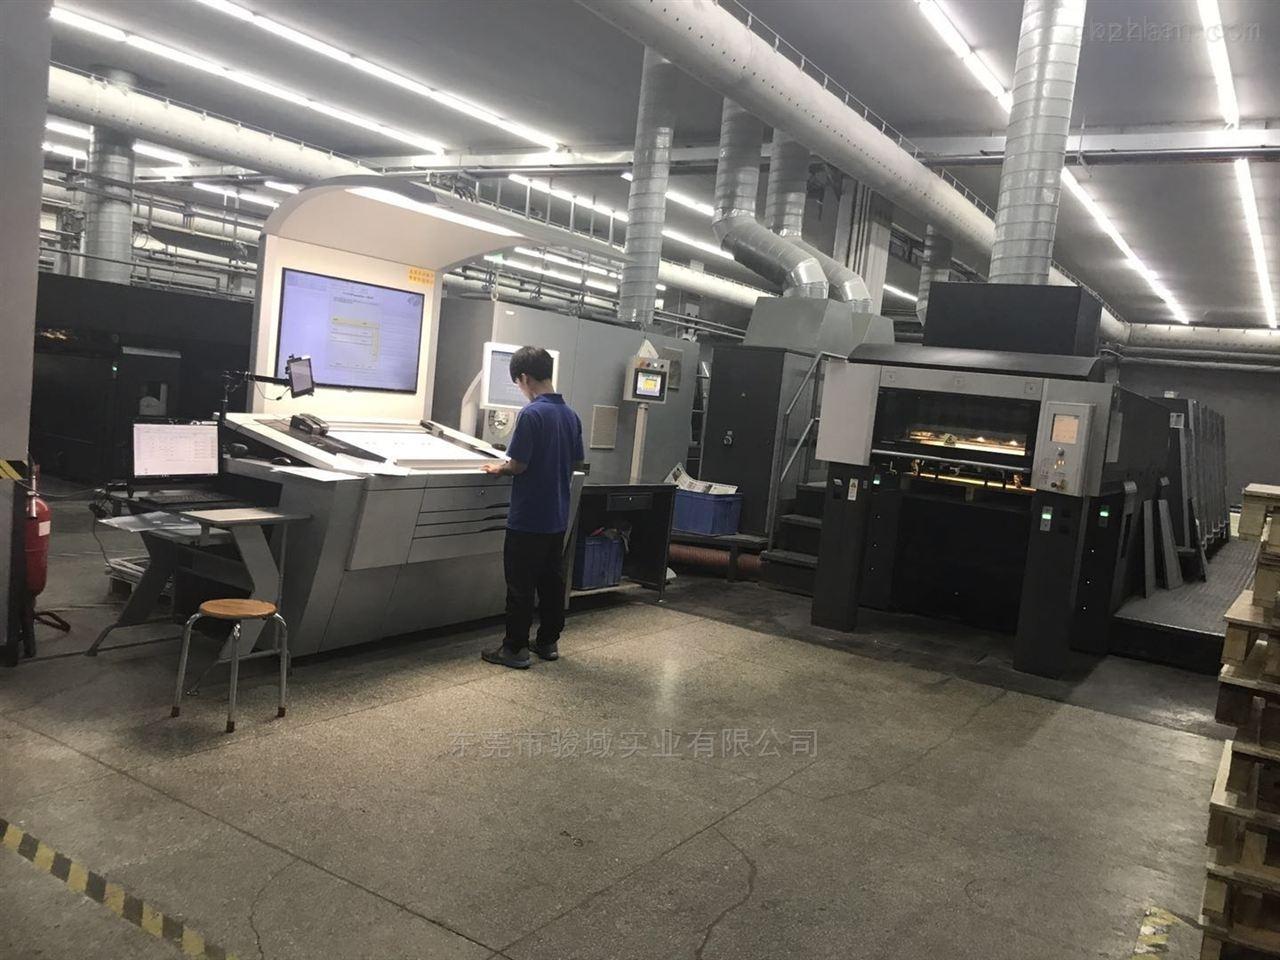 二手印刷机 海德堡LX105-8-P